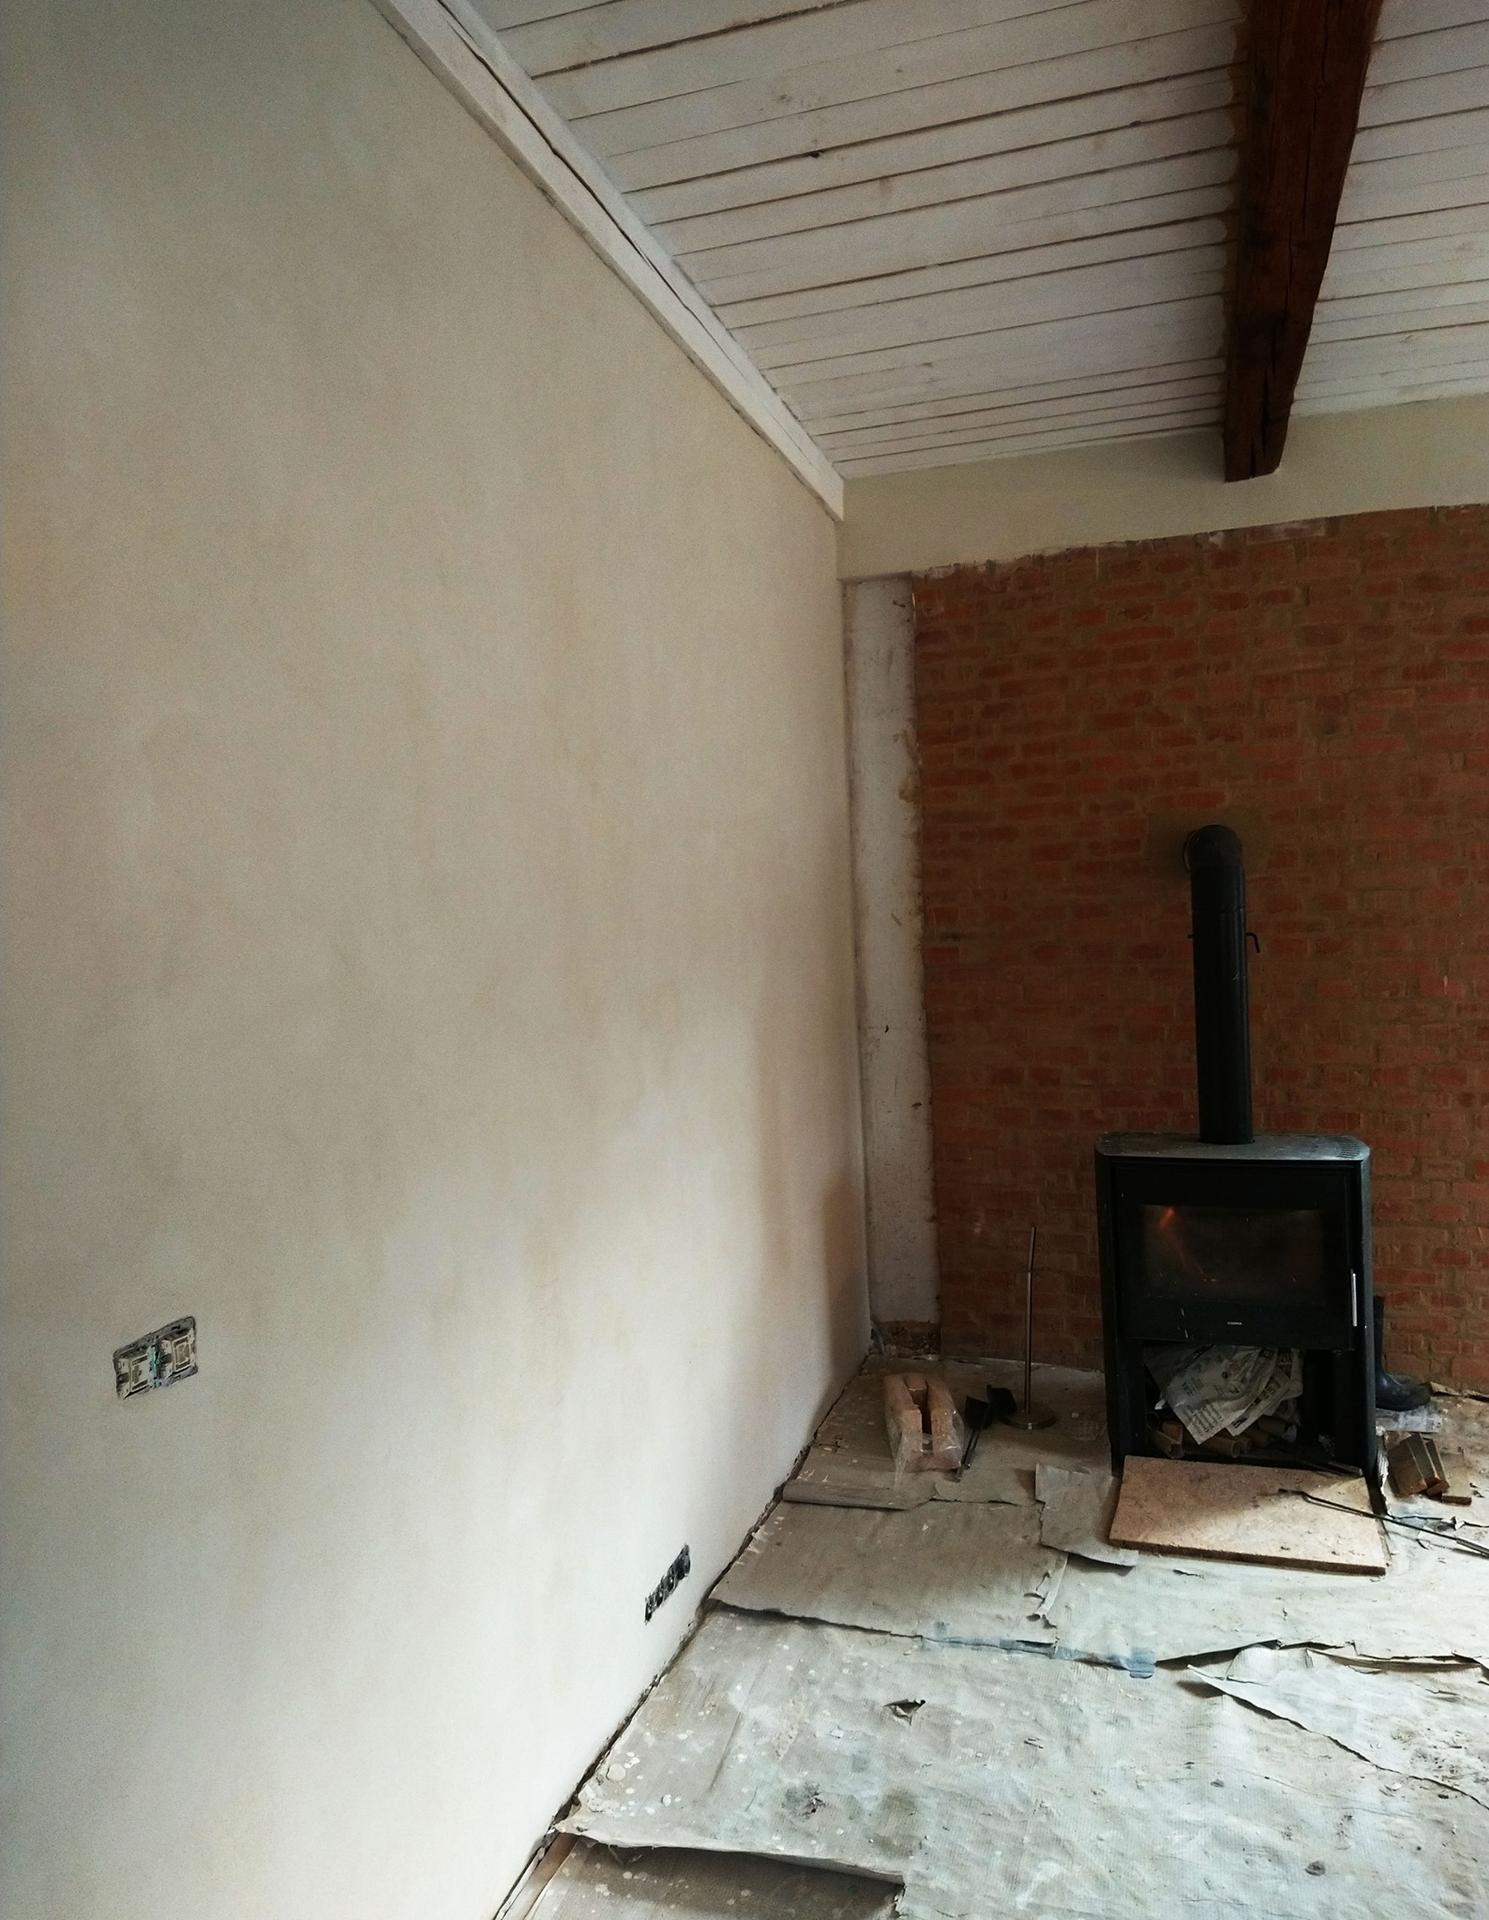 Hlinené omietky - Ešte raz biela.  Vnútorné steny sú z OSB dosiek. Pri omietaní osb či dreva je nutné použiť nosič omietky, vačšinou omietkársku rákosovú rohož.